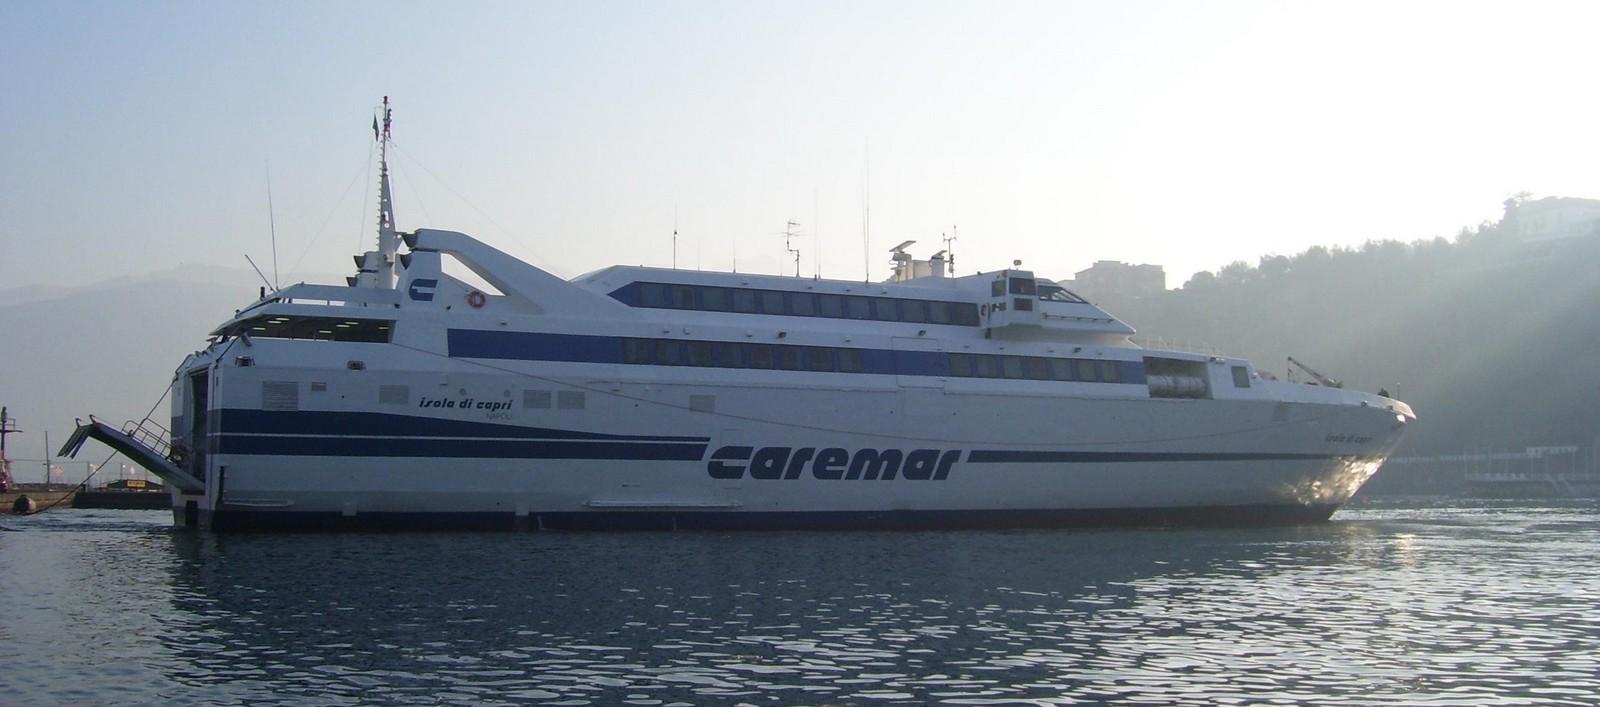 Carremar-Fähre Sorrent - Capri